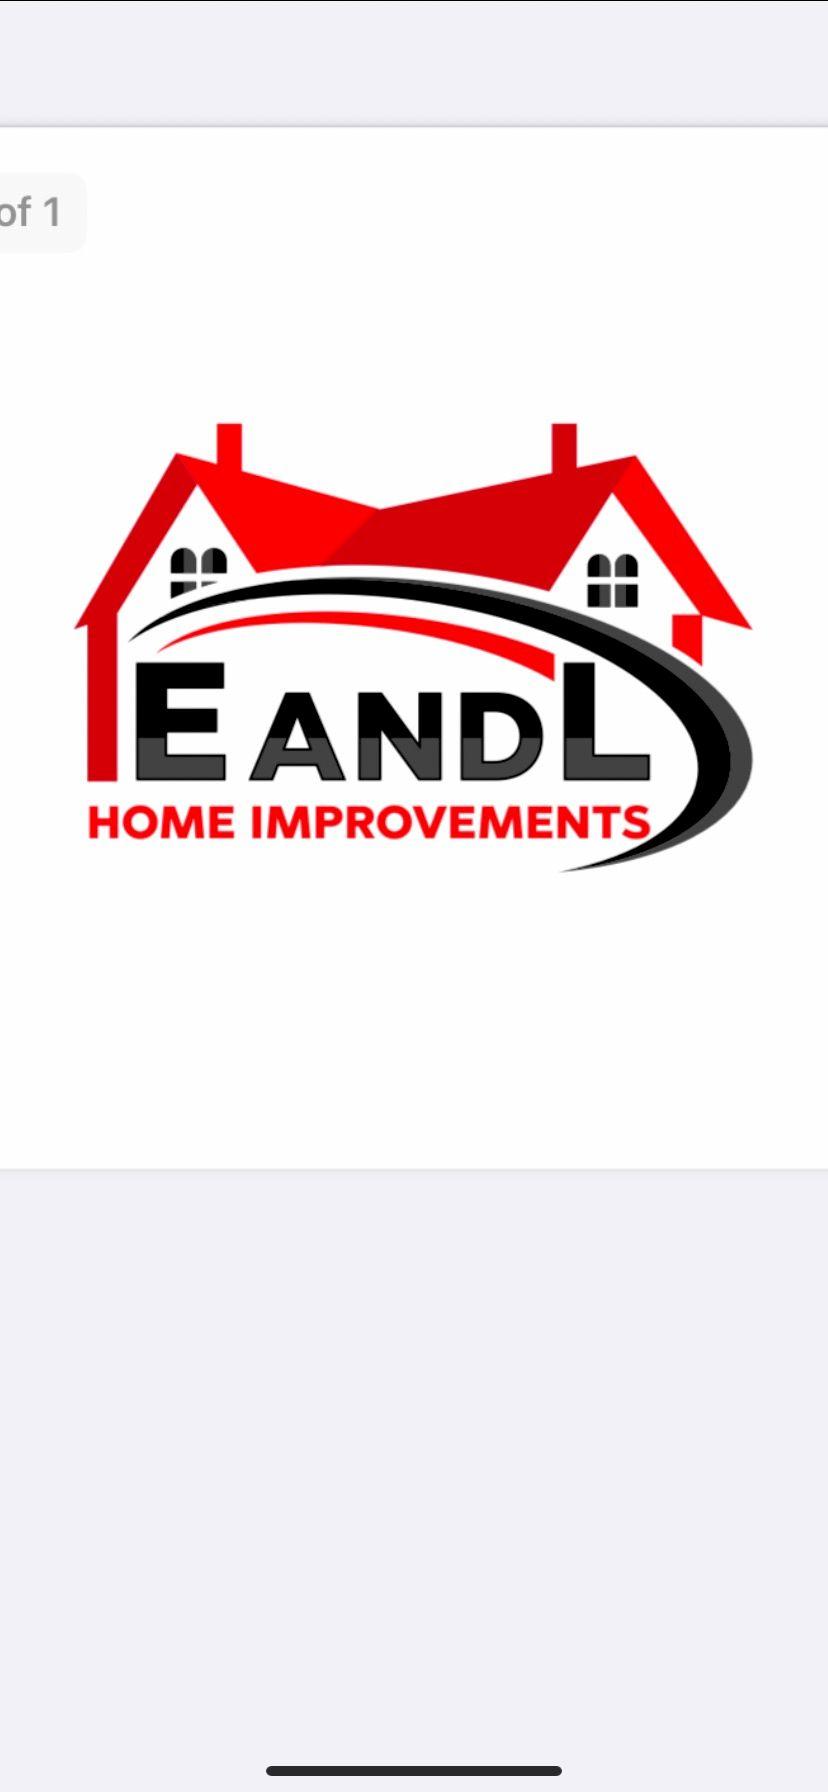 E and L home improvements LLC